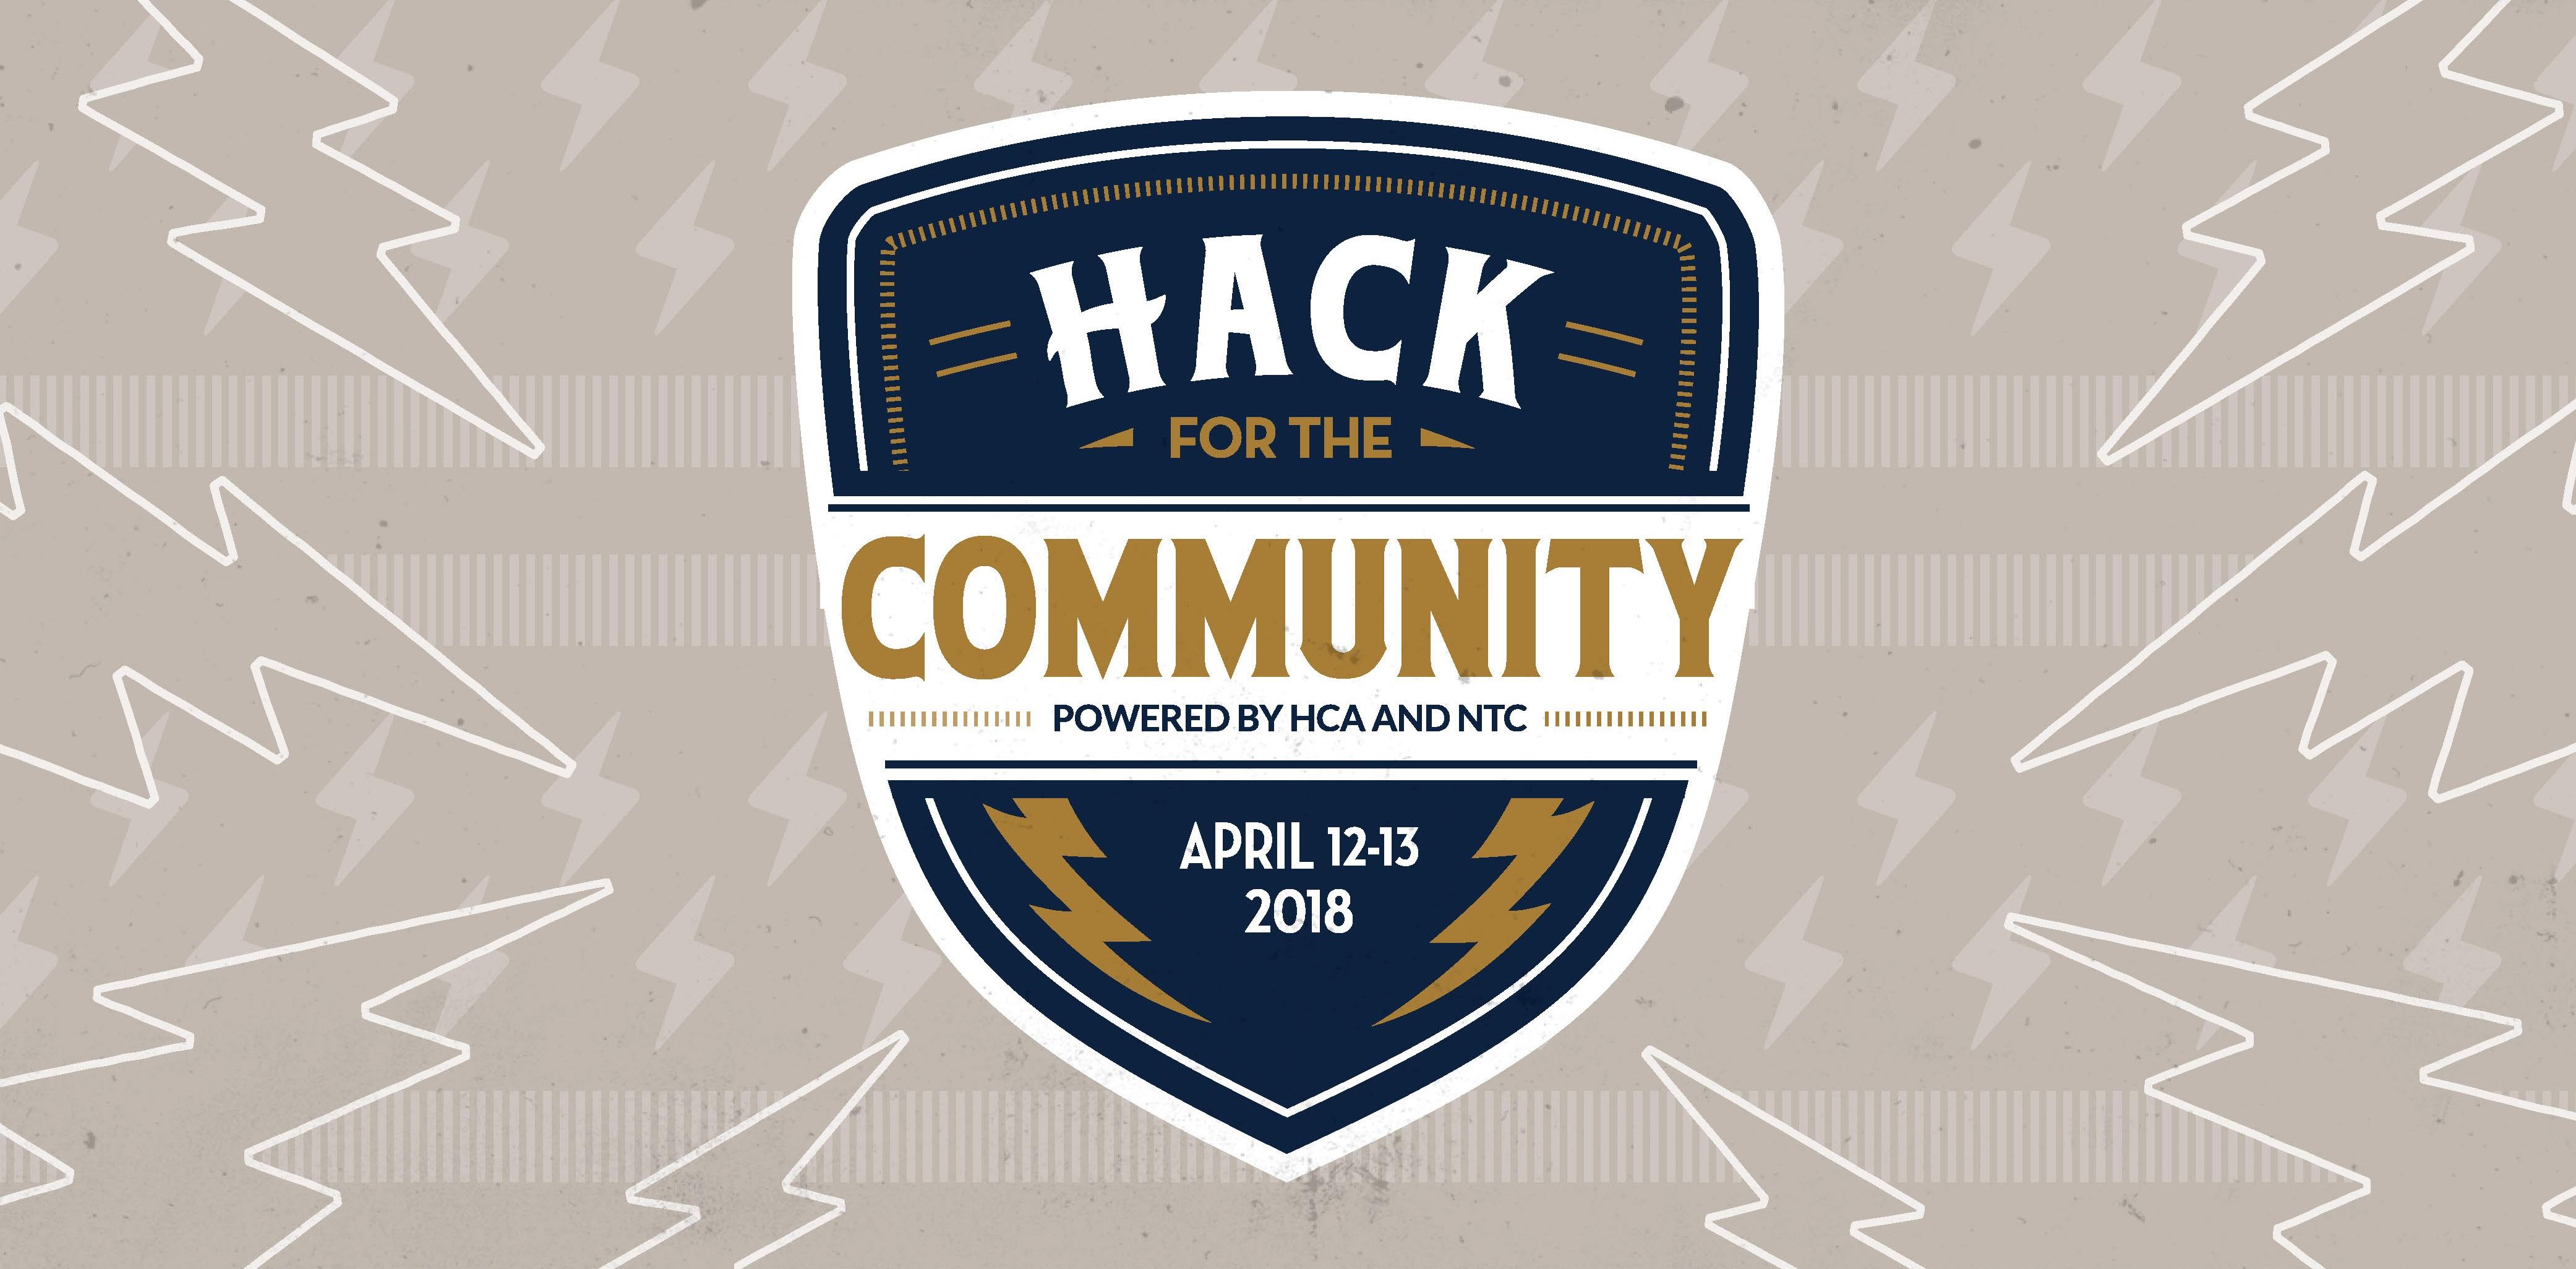 hackforthecommunity